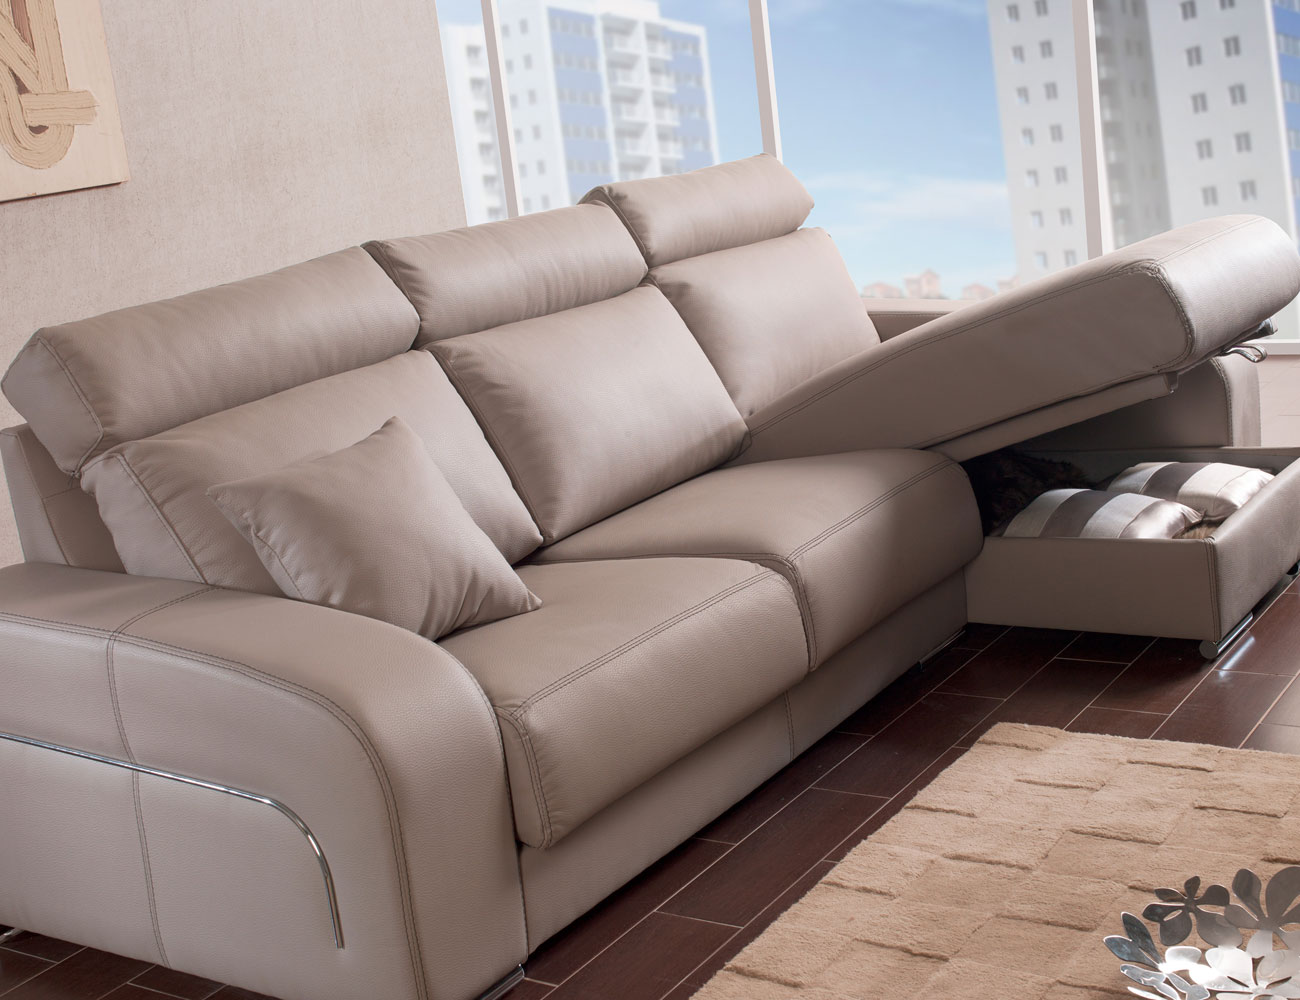 Sofa chaiselongue moderno pared cero arcon60